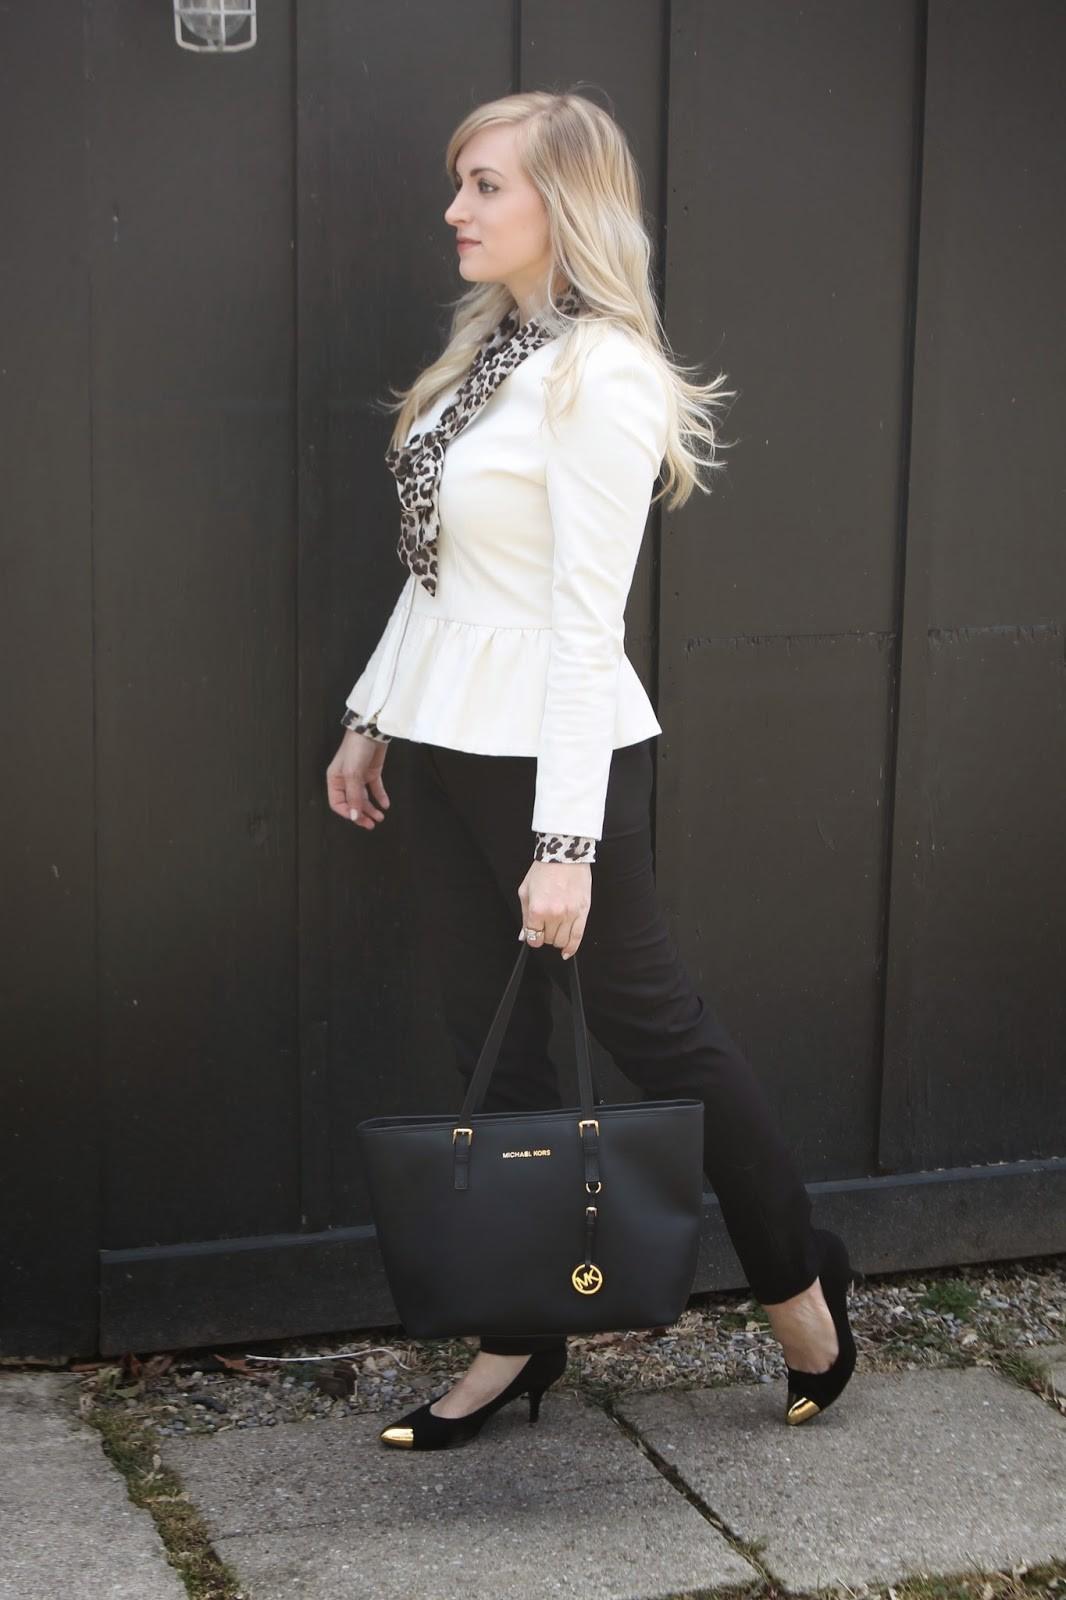 طرق ارتداء البليزر الملون لمظهر عملي - البليزر البيبلوم